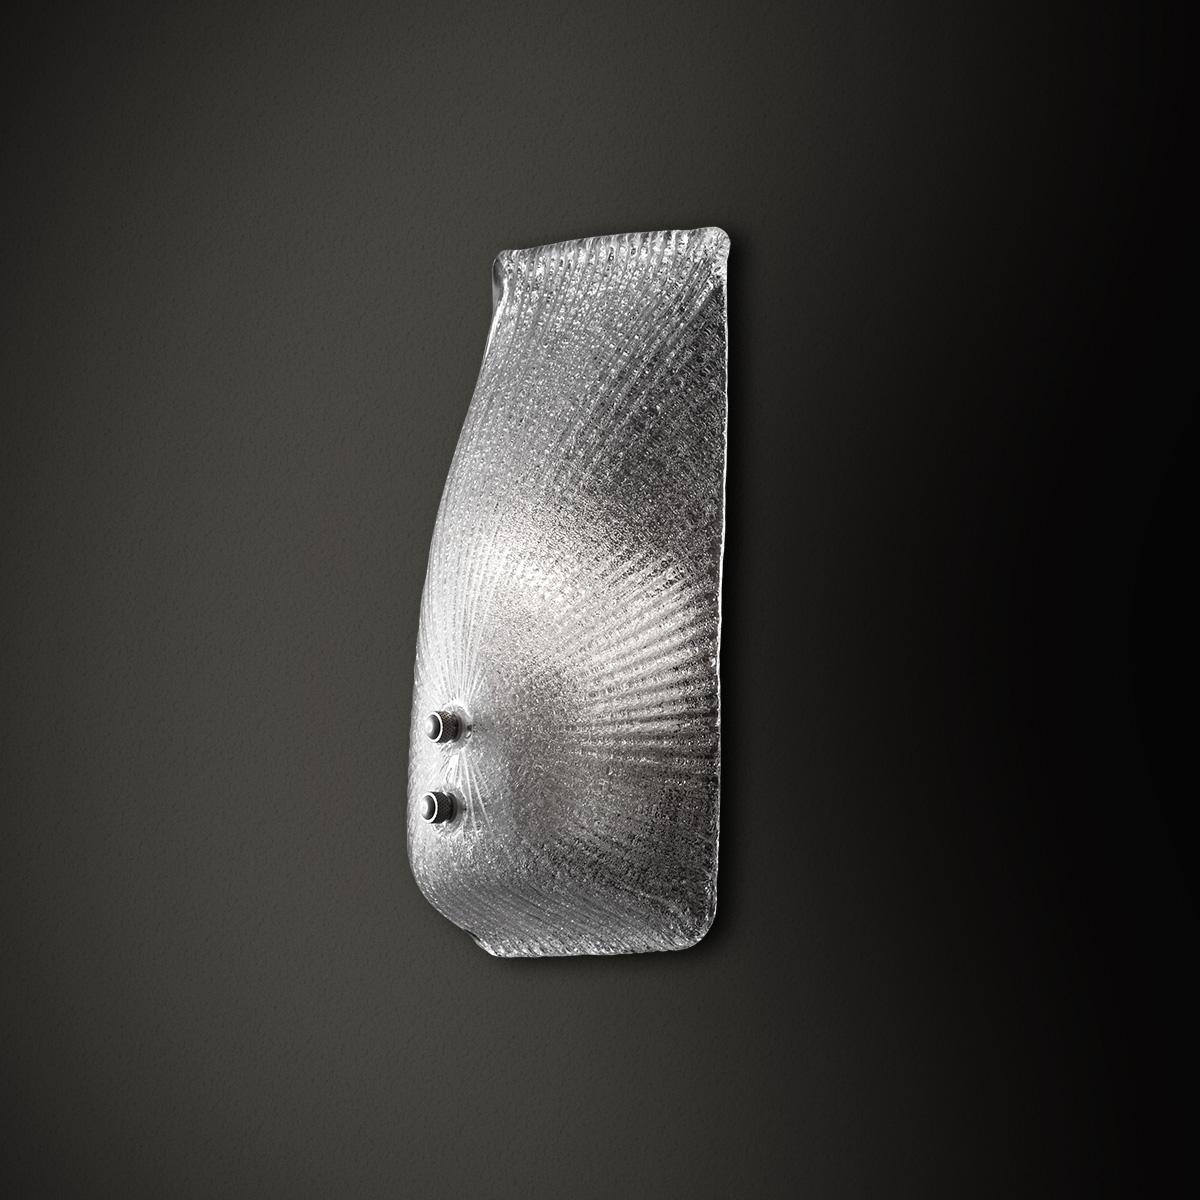 Κρυστάλλινη απλίκα ΚΟΥΡΟΣ crystal wall lamp